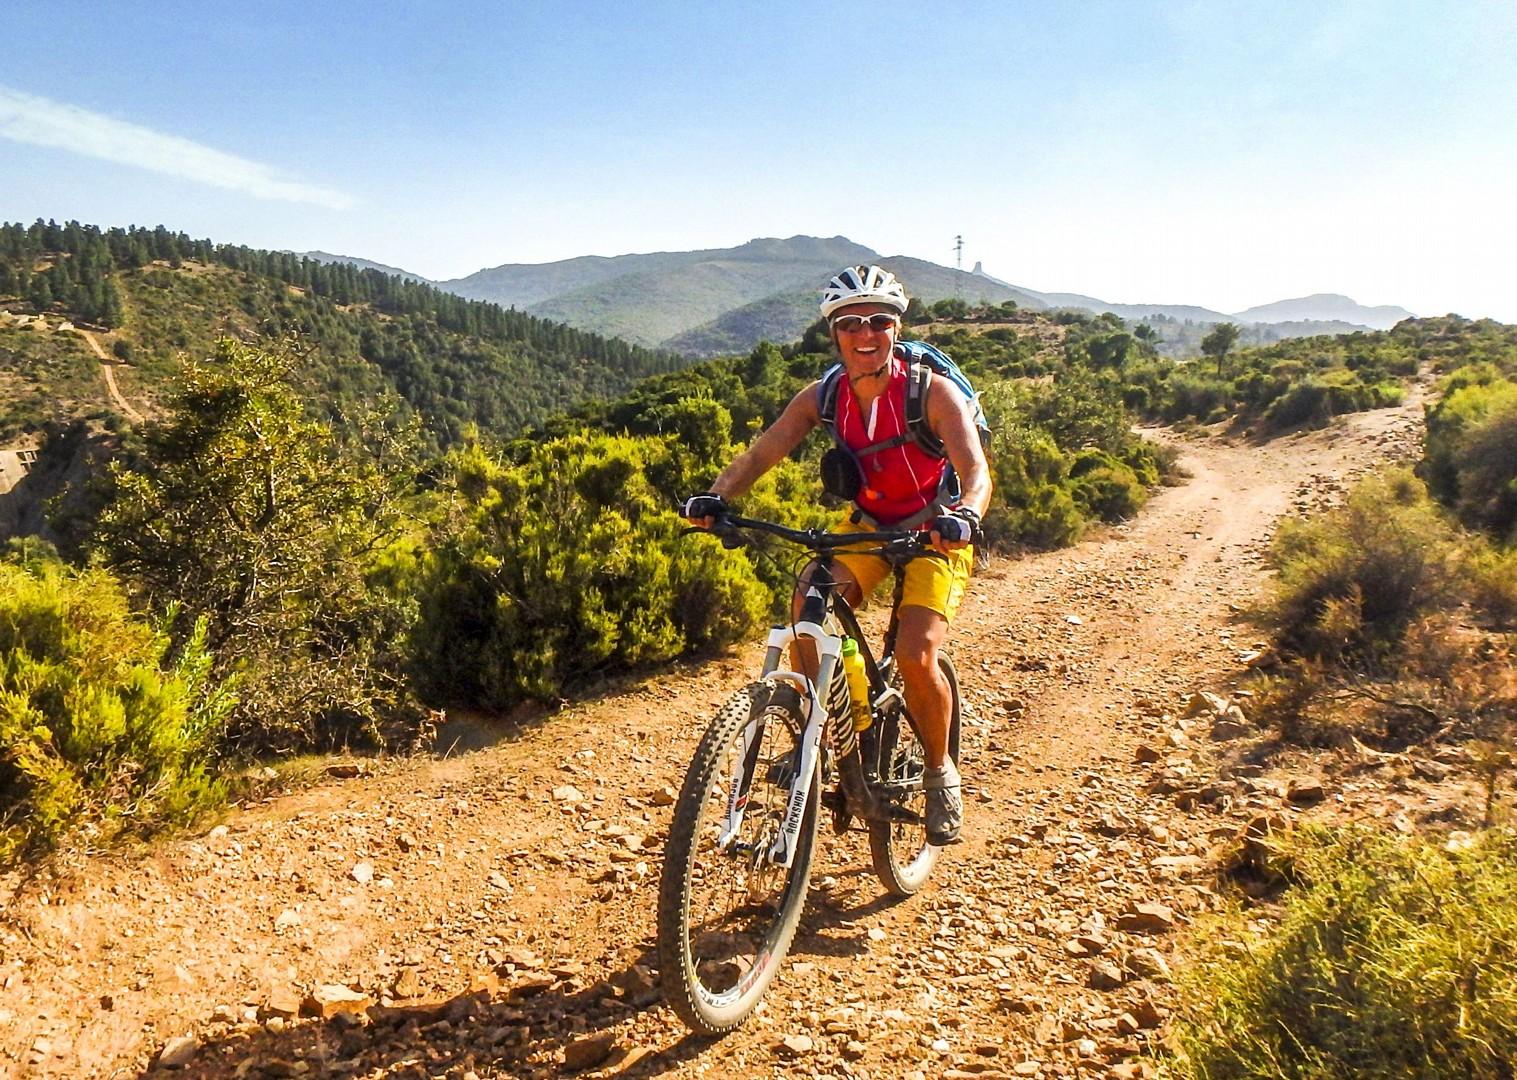 woman-mountain-biking-saddle-skedaddle-sardinia-italy-guided.jpg - Sardinia - Coast to Coast - Italia Mountain Biking